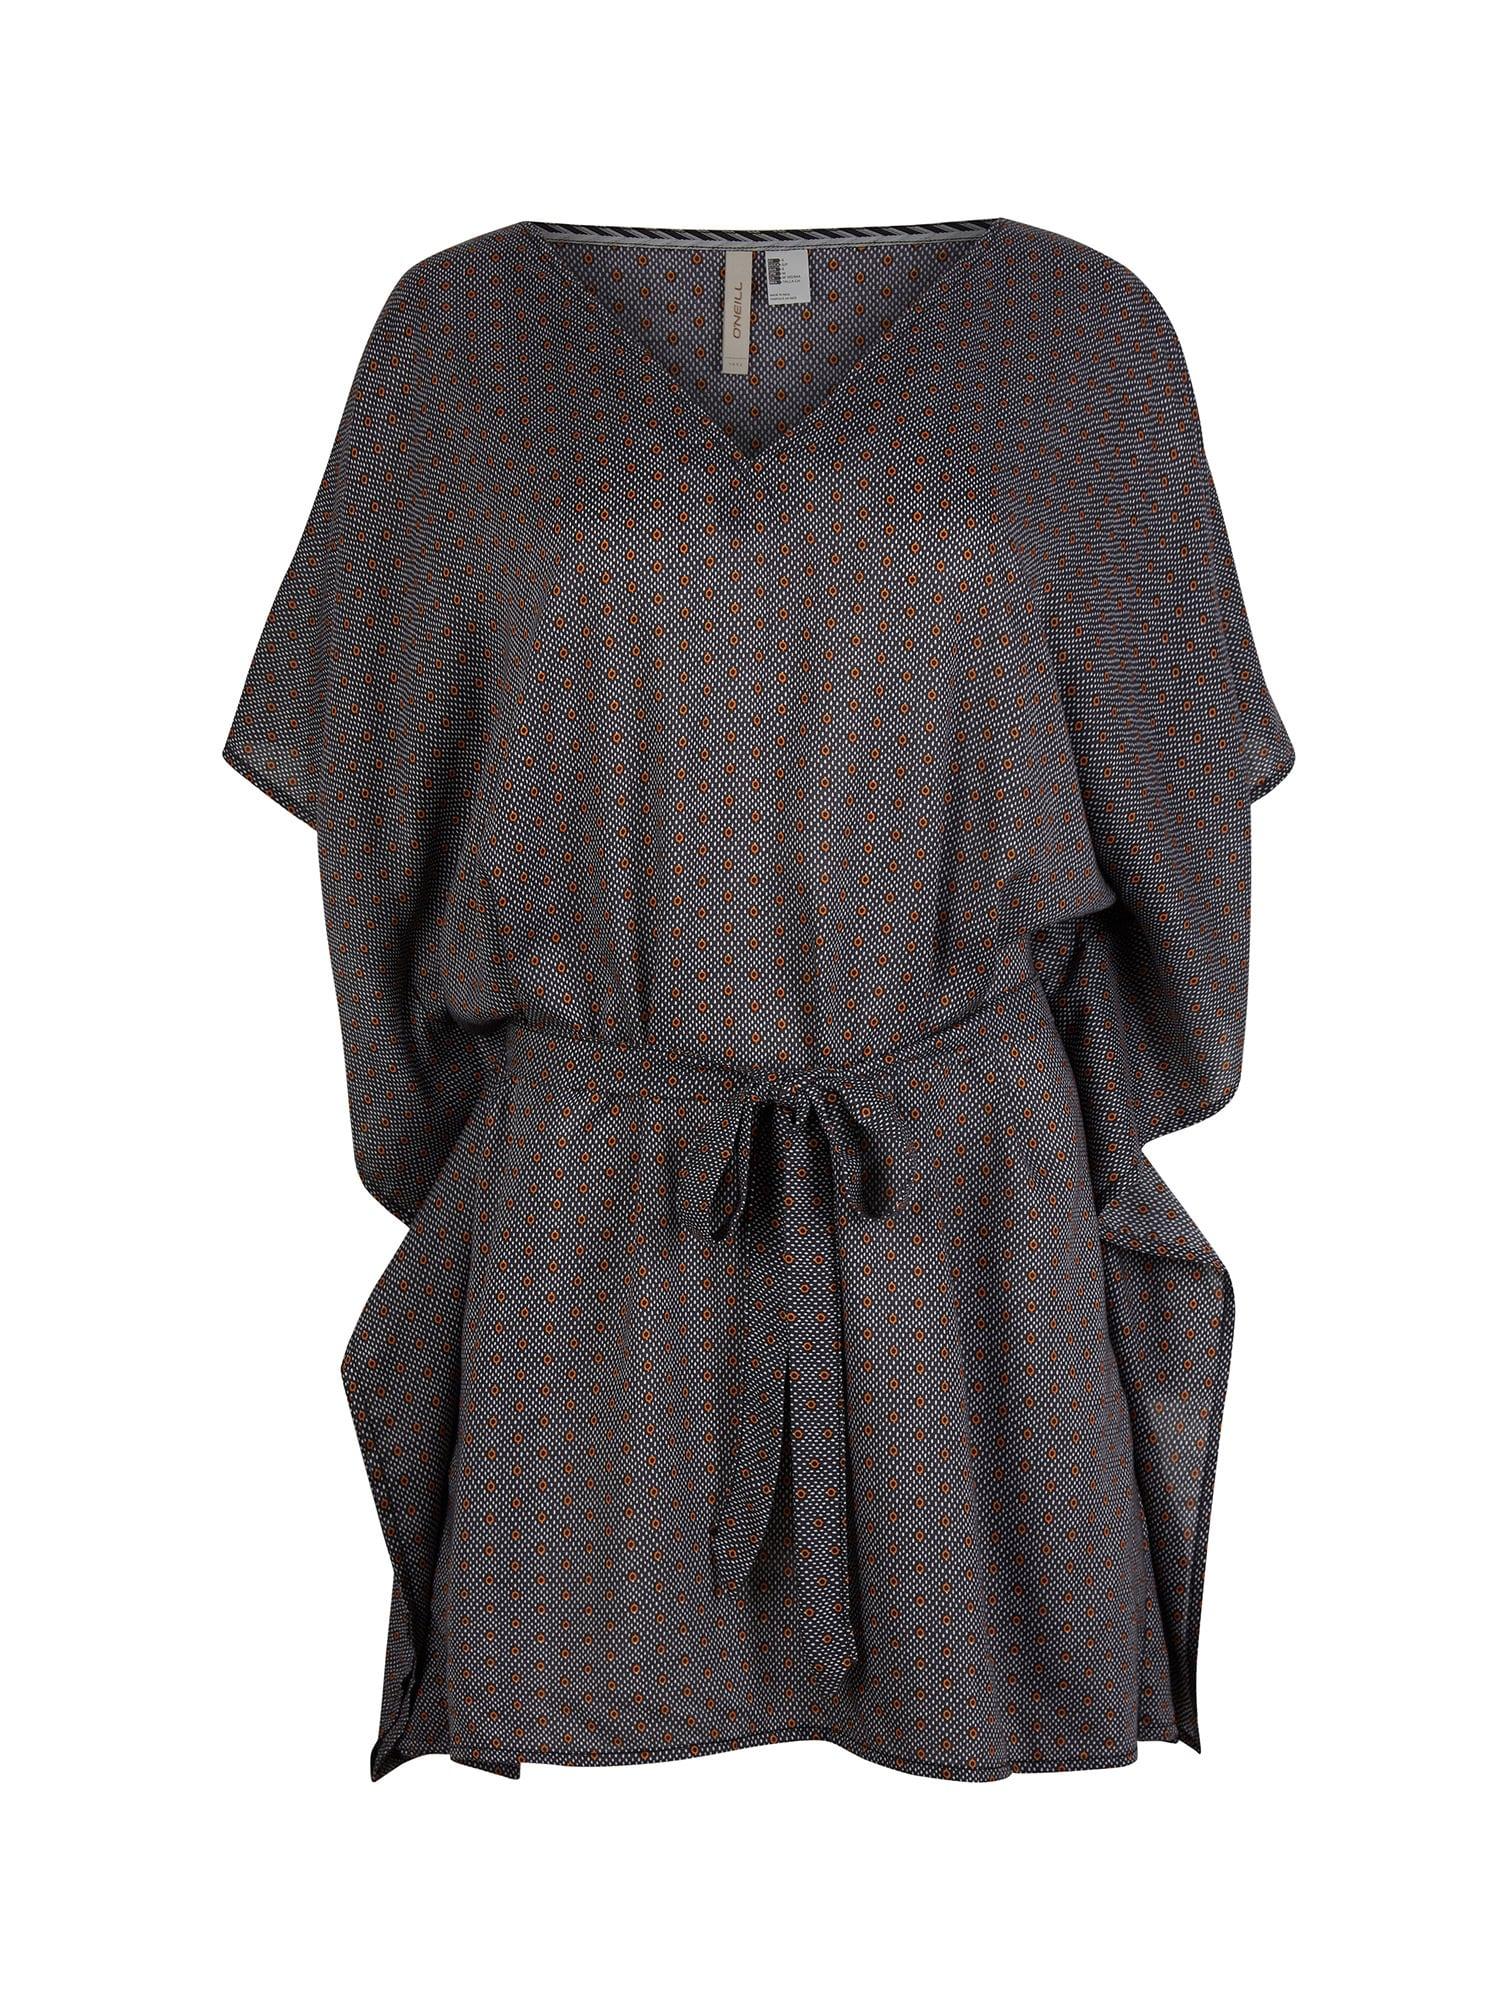 O'NEILL Paplūdimio suknelė 'Beach' juoda / balta / zomšos spalva